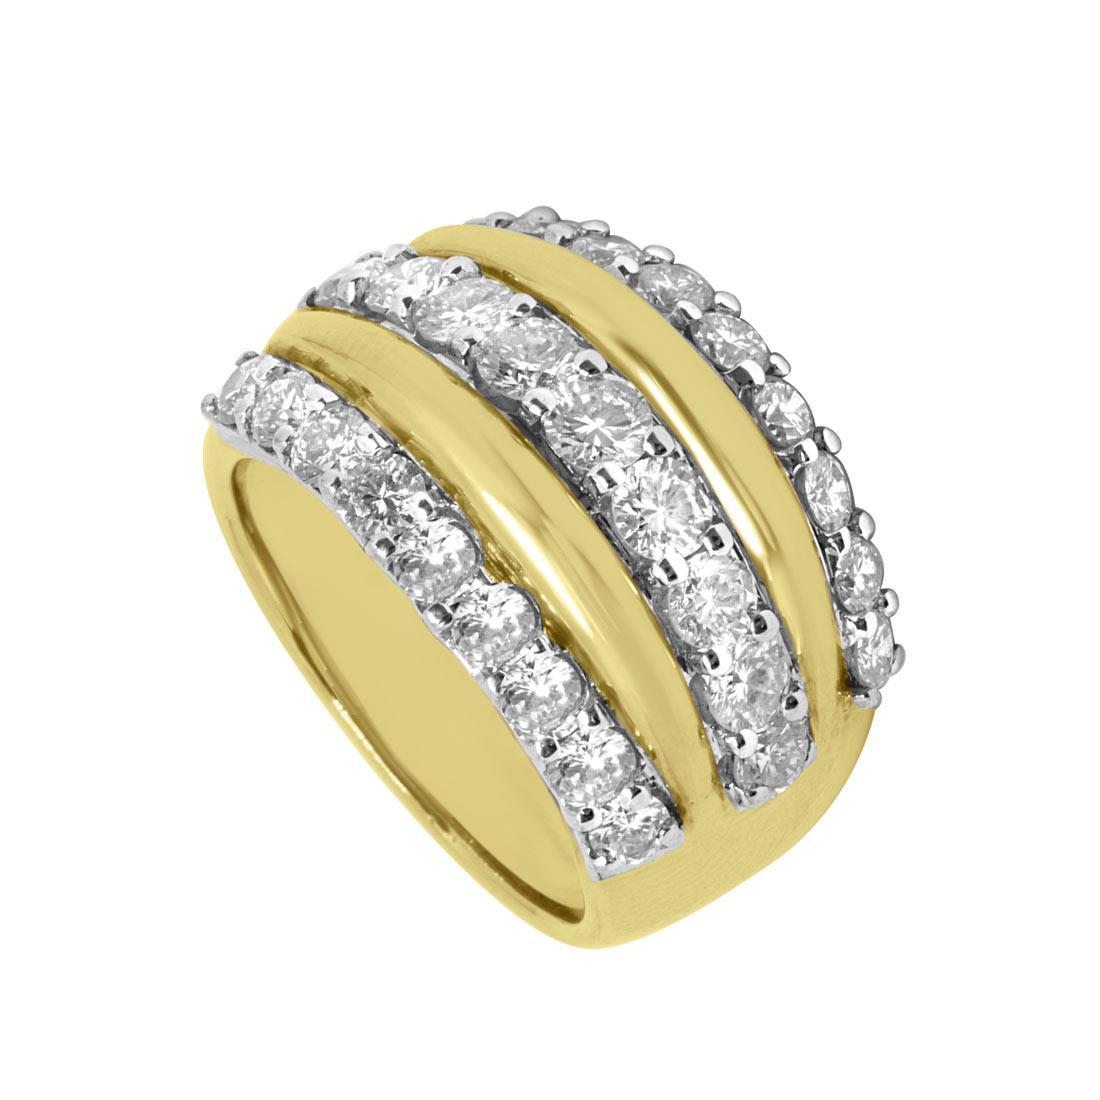 Anello a fascia in oro giallo con diamanti mis 15 - ORO&CO